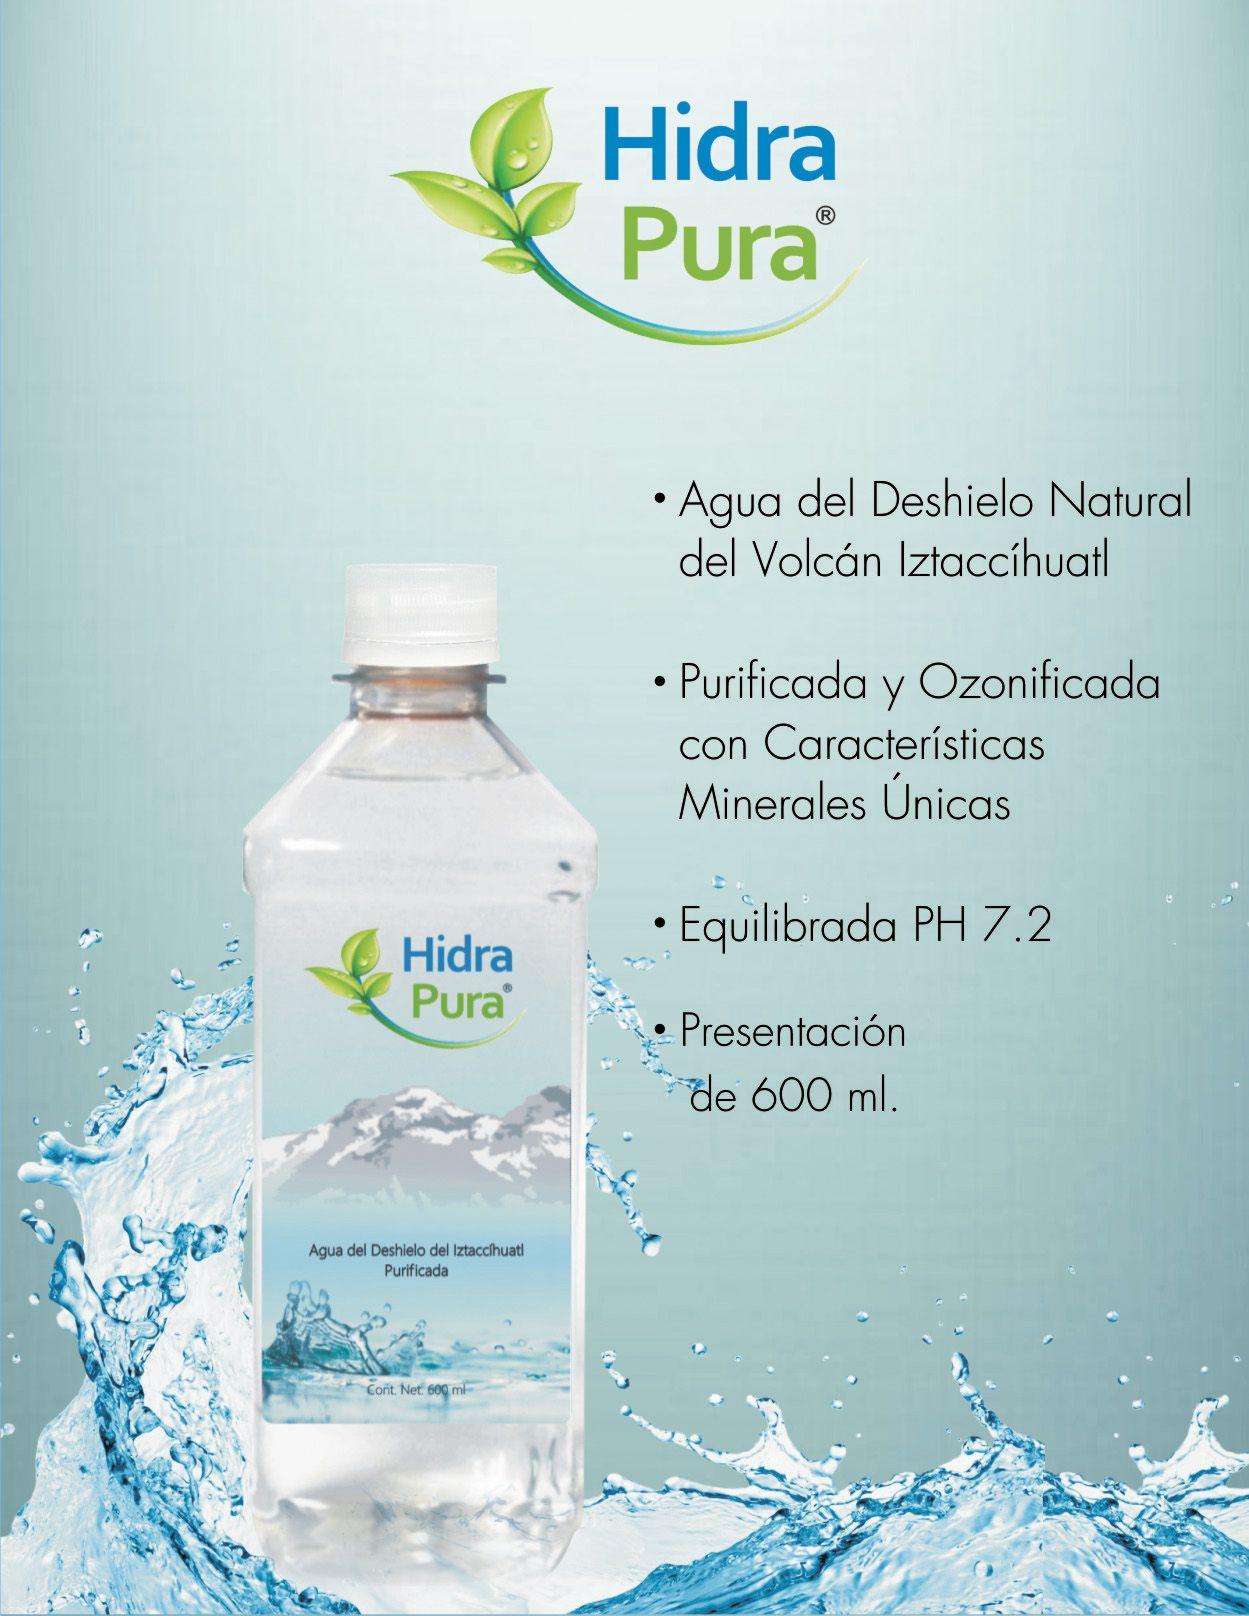 Te invito a que pruebes nuestra Agua Hidra Pura, para el calorcito.